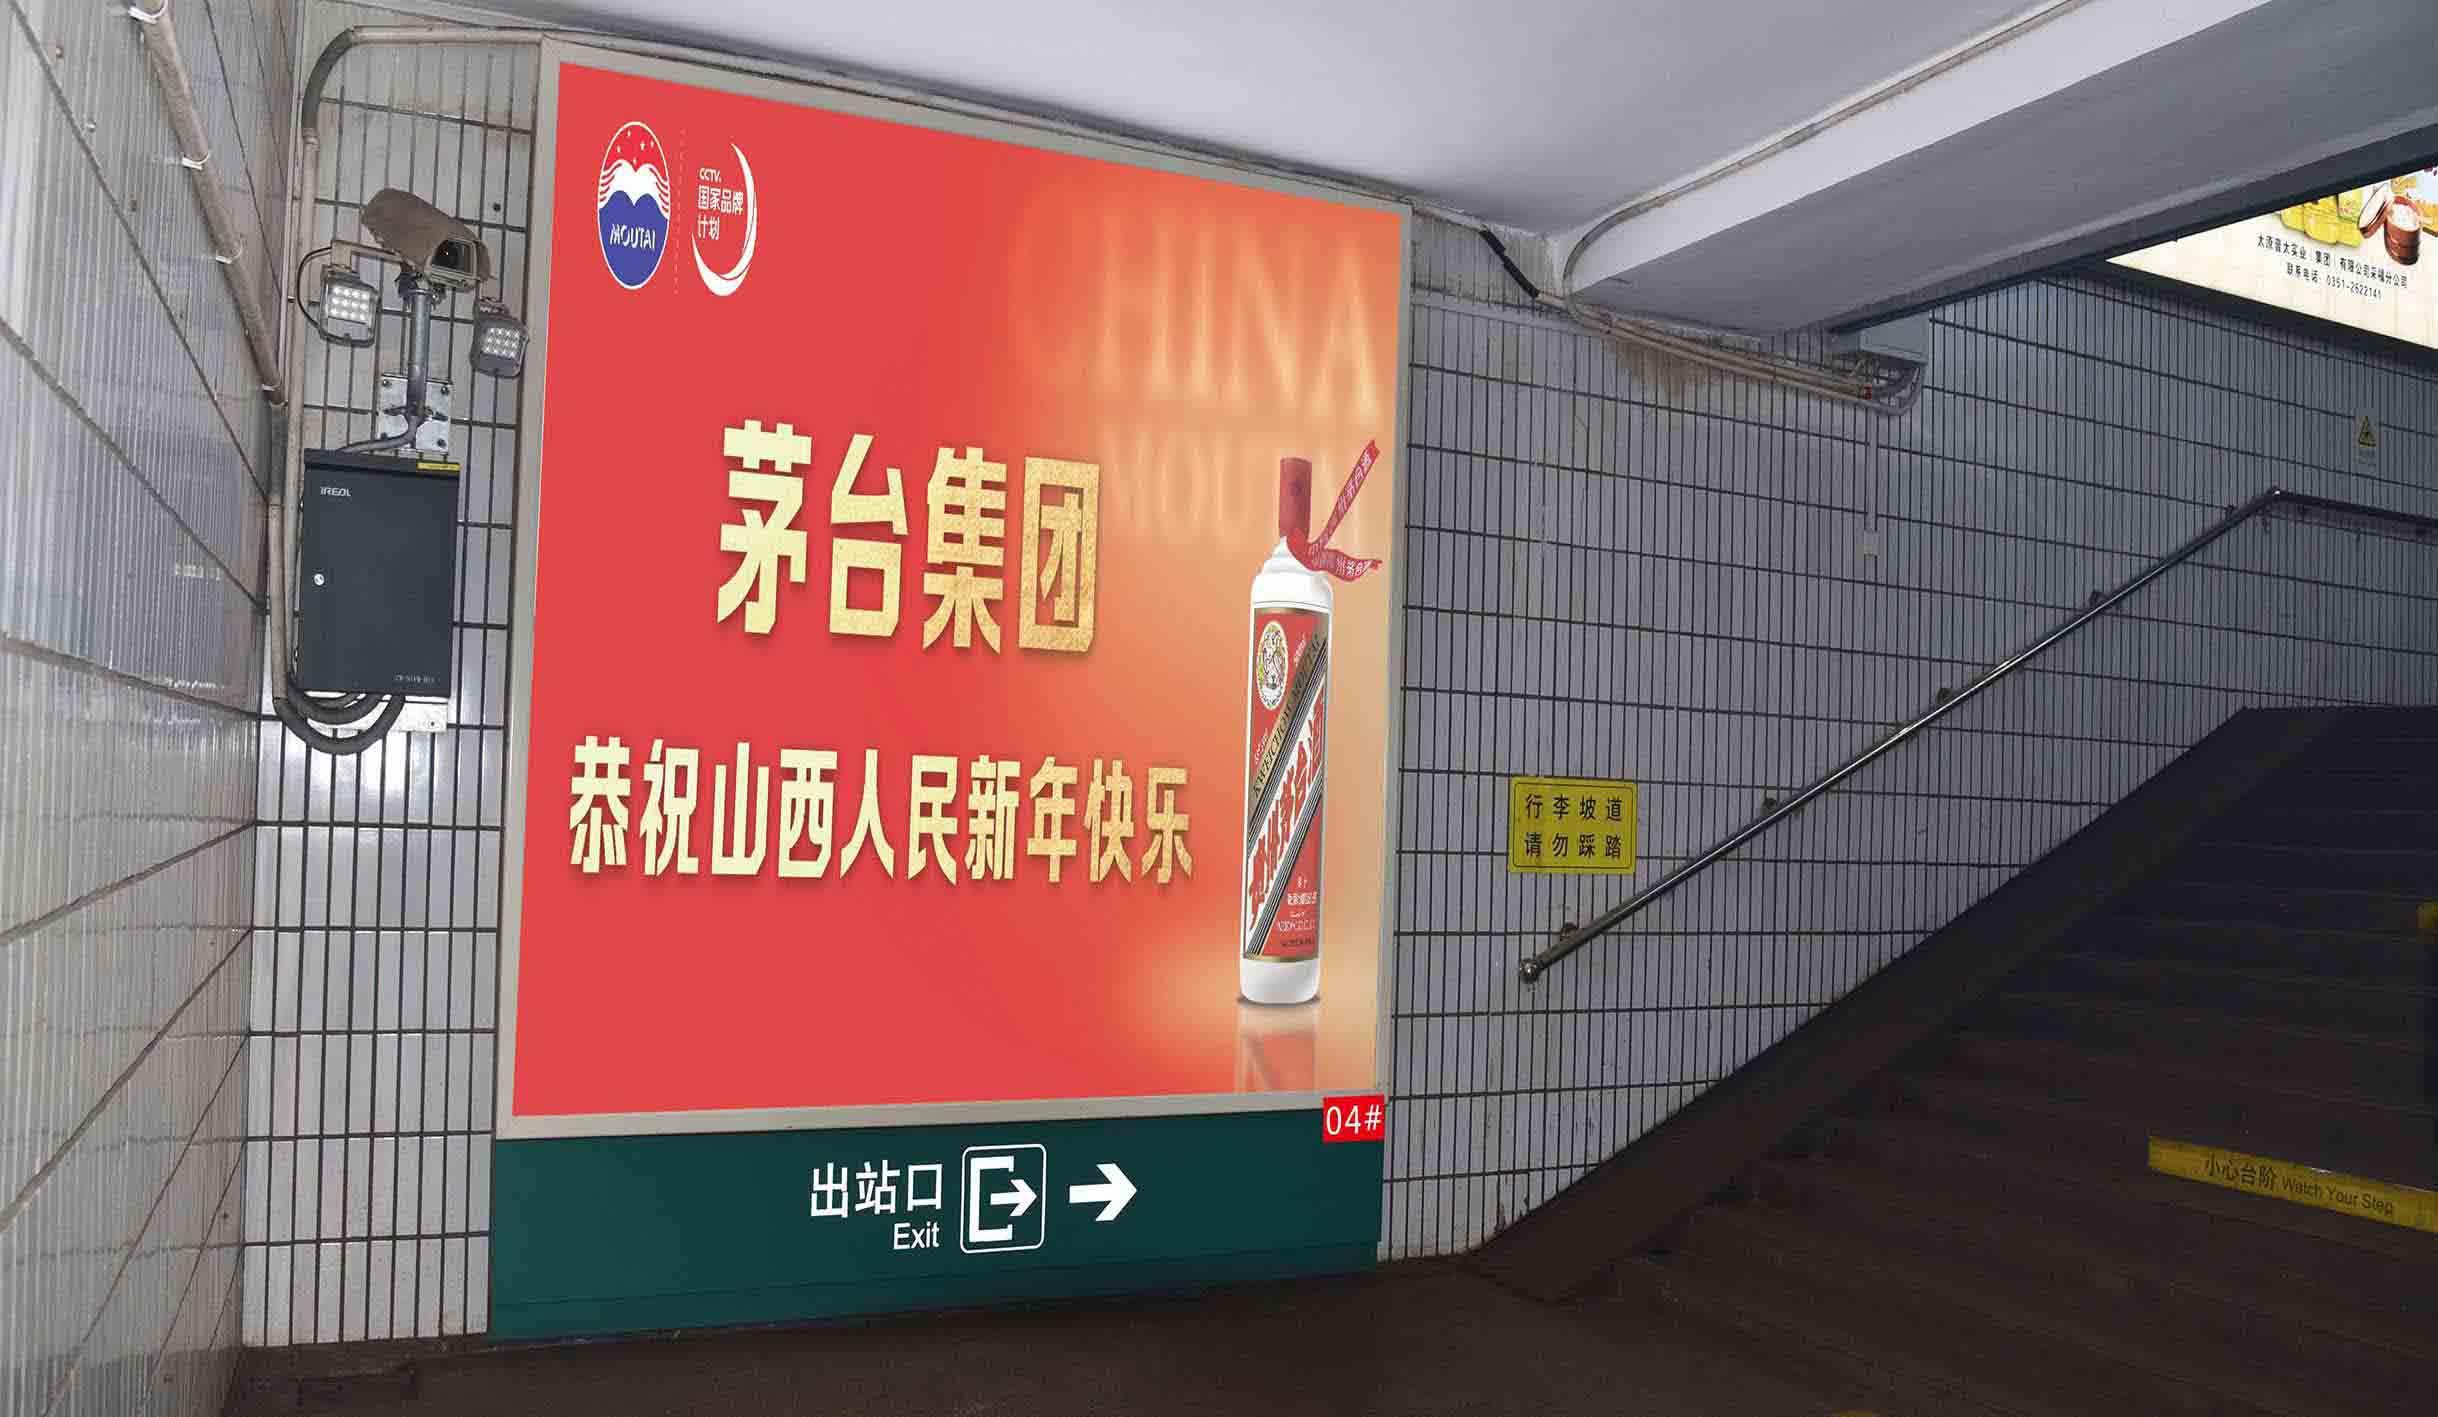 介休火车站进出站通道端灯箱广告4#